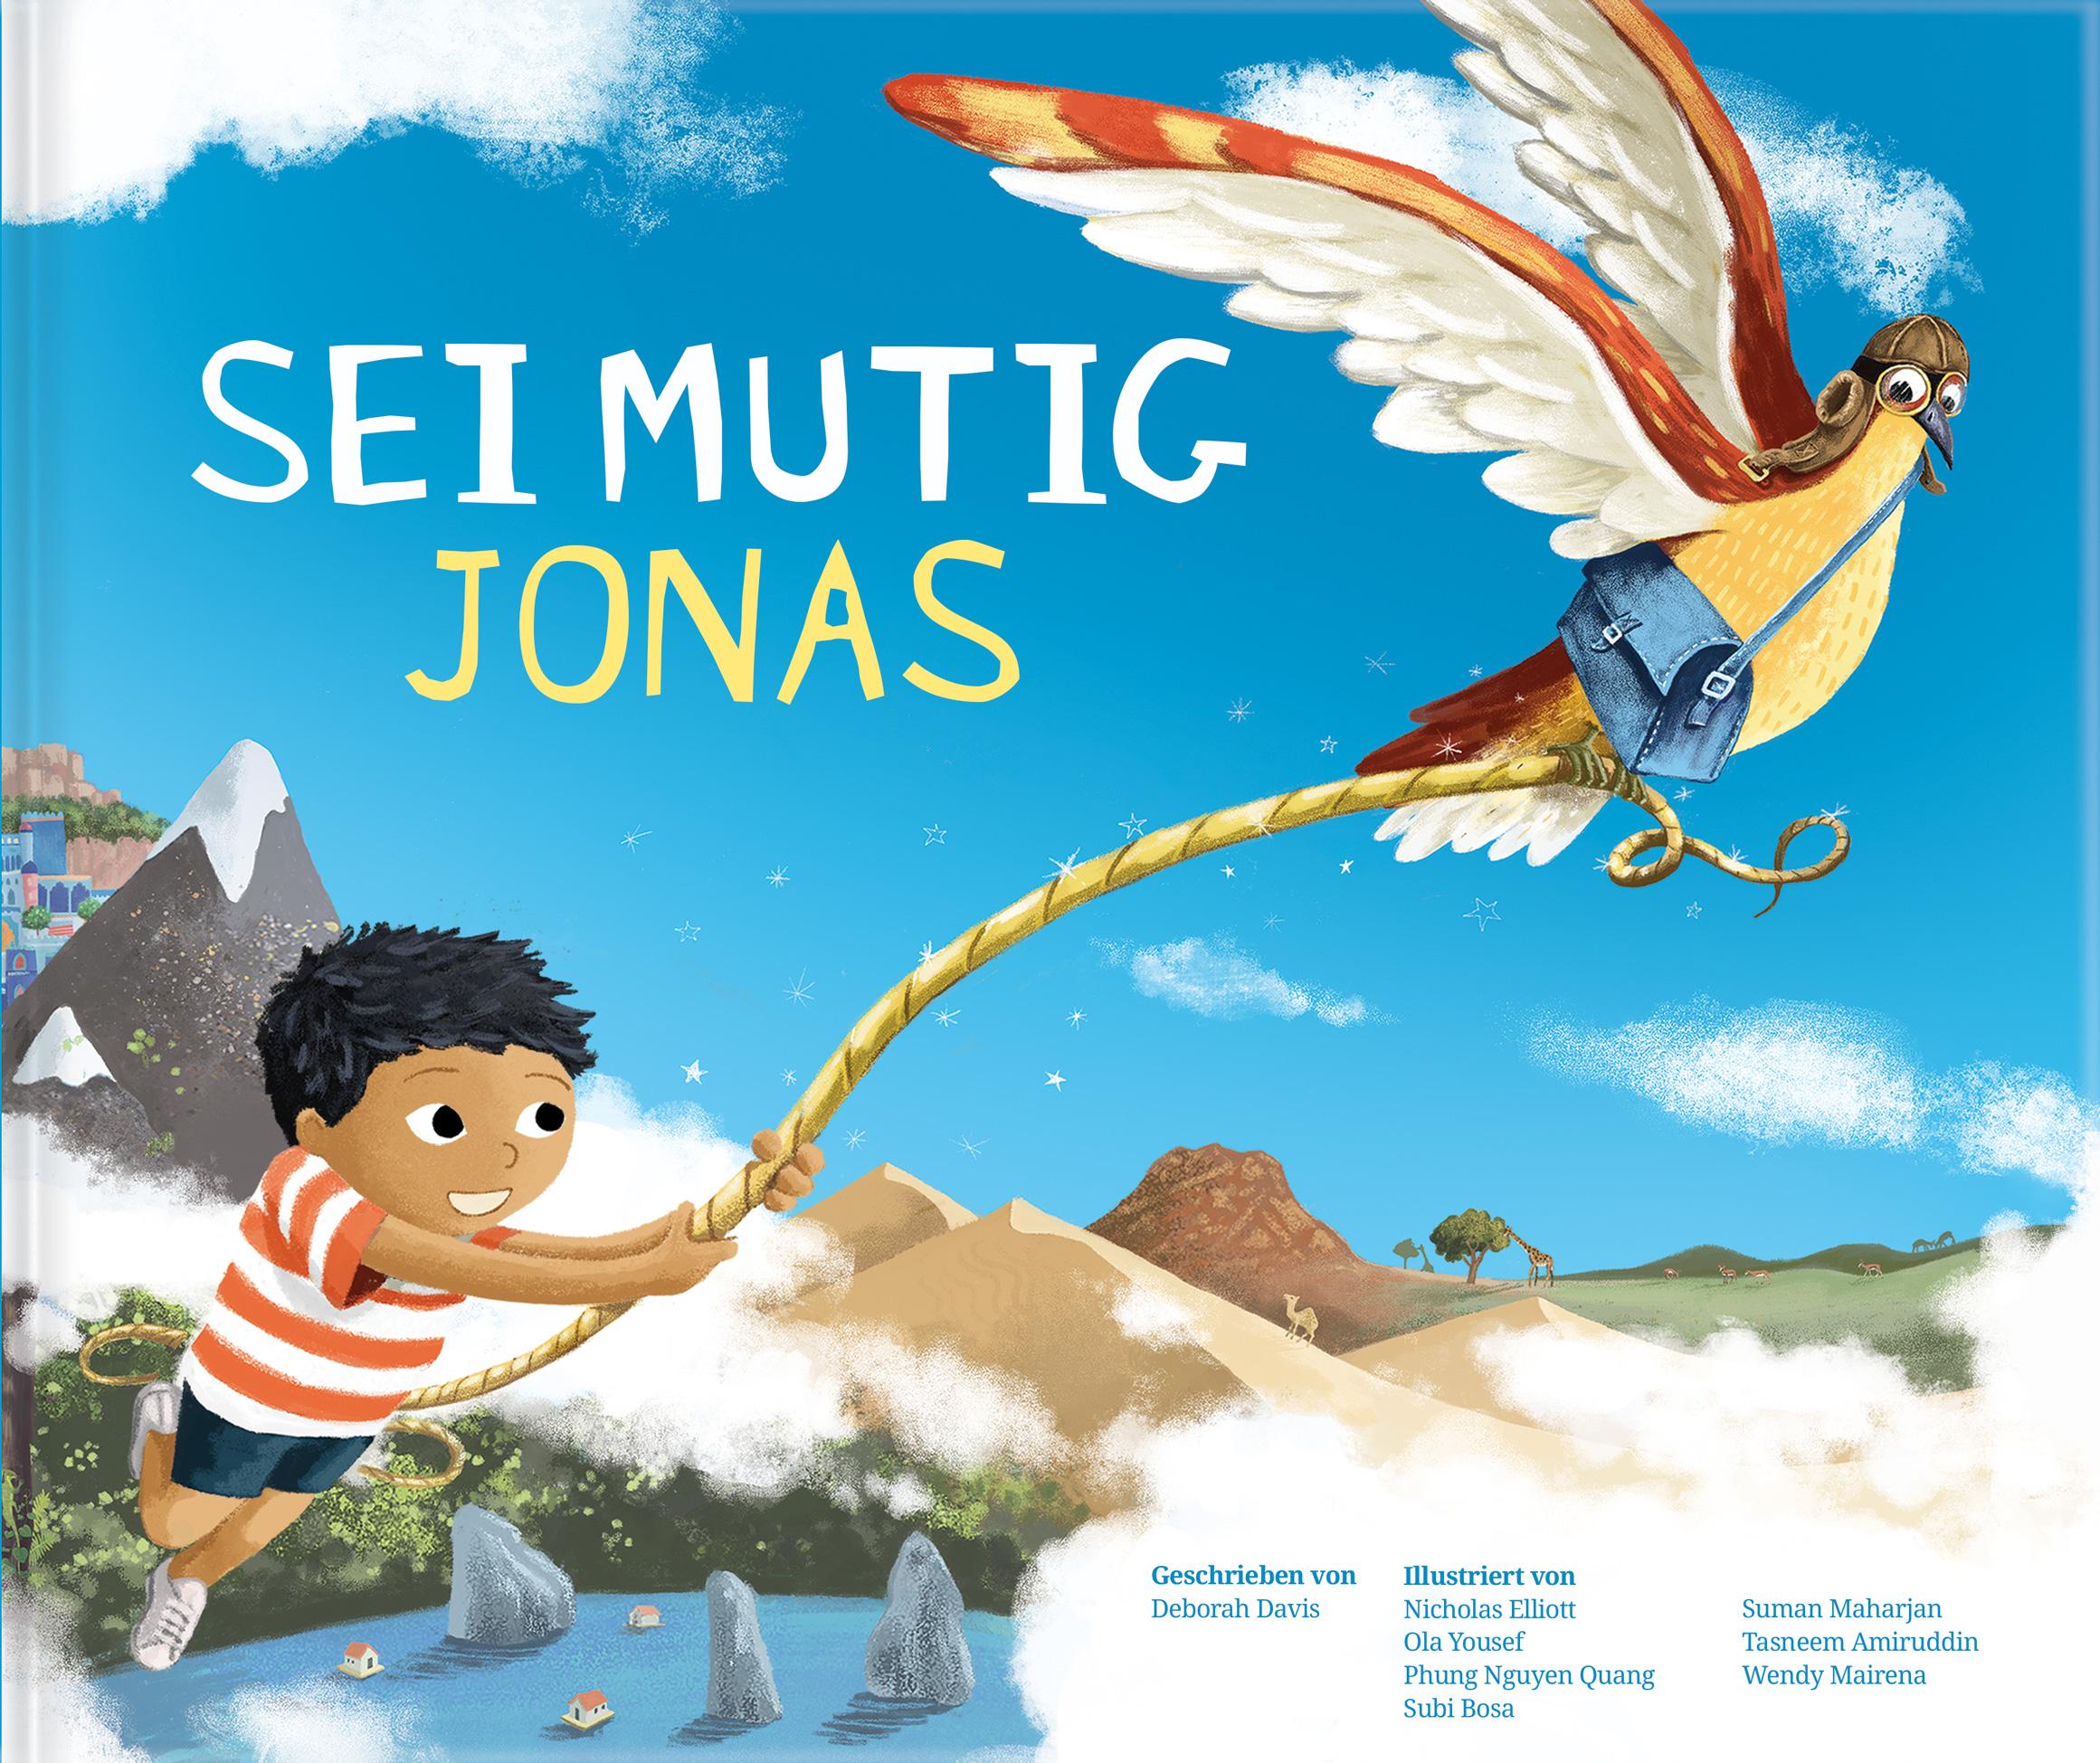 Image of Neu Sei mutig - Das personalisierte Kinderbuch zum Schulstart von Librio